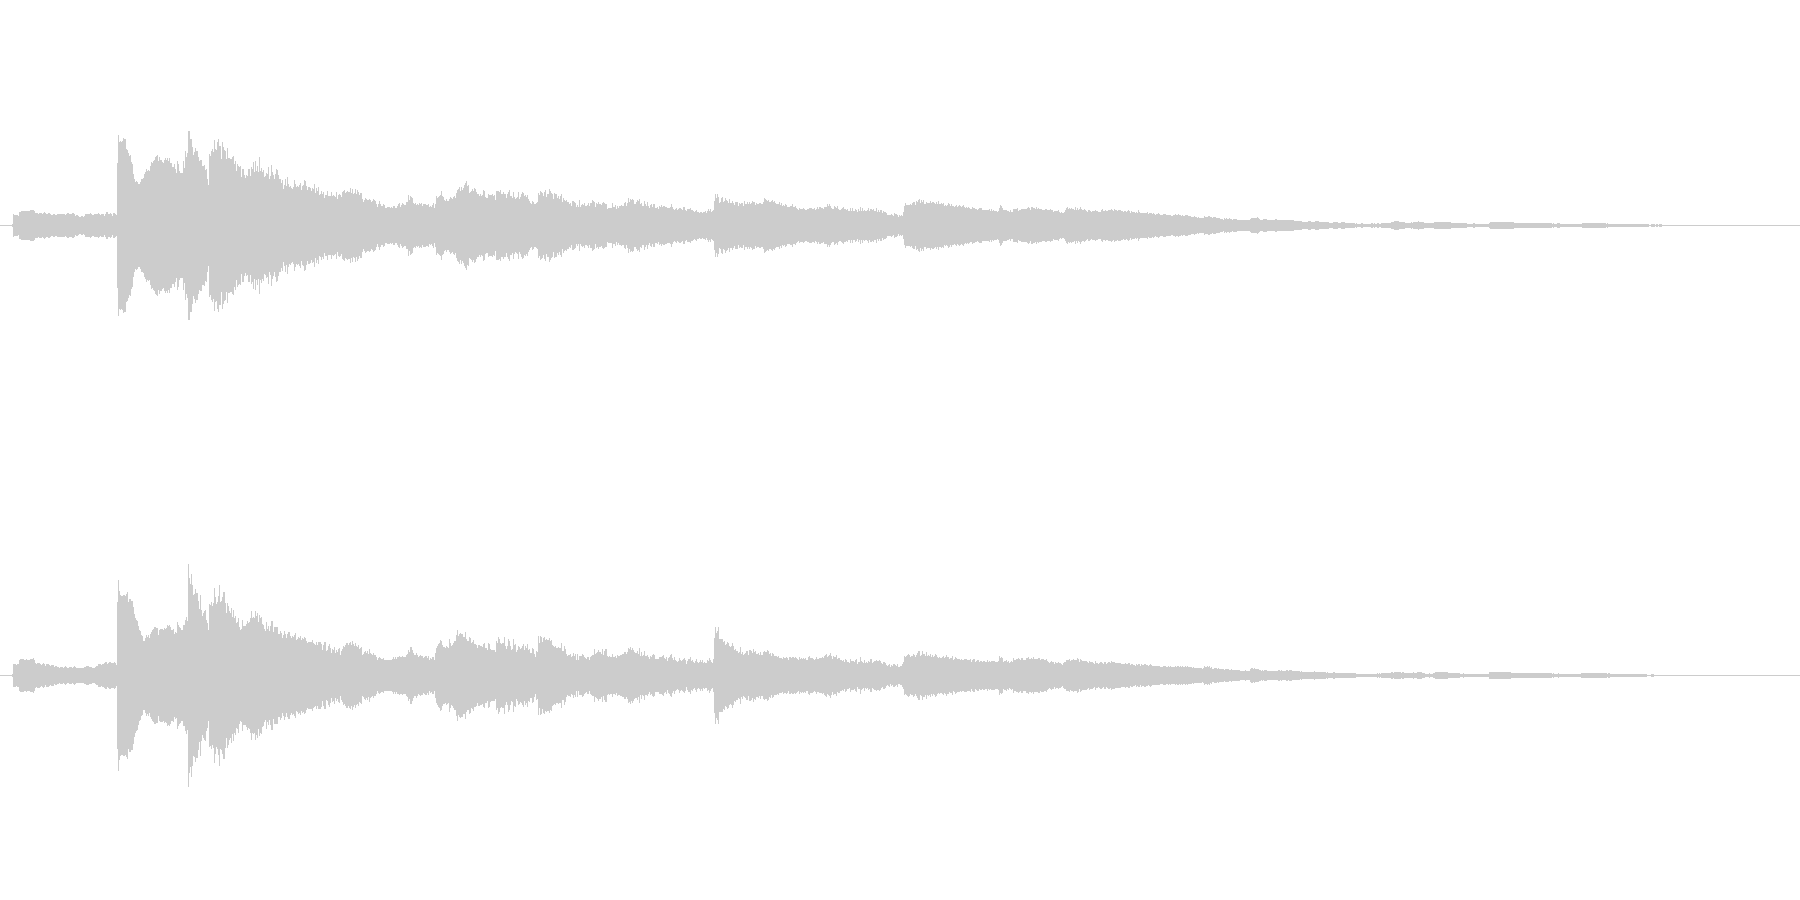 キラキラとした音色のウインドチャイムの未再生の波形